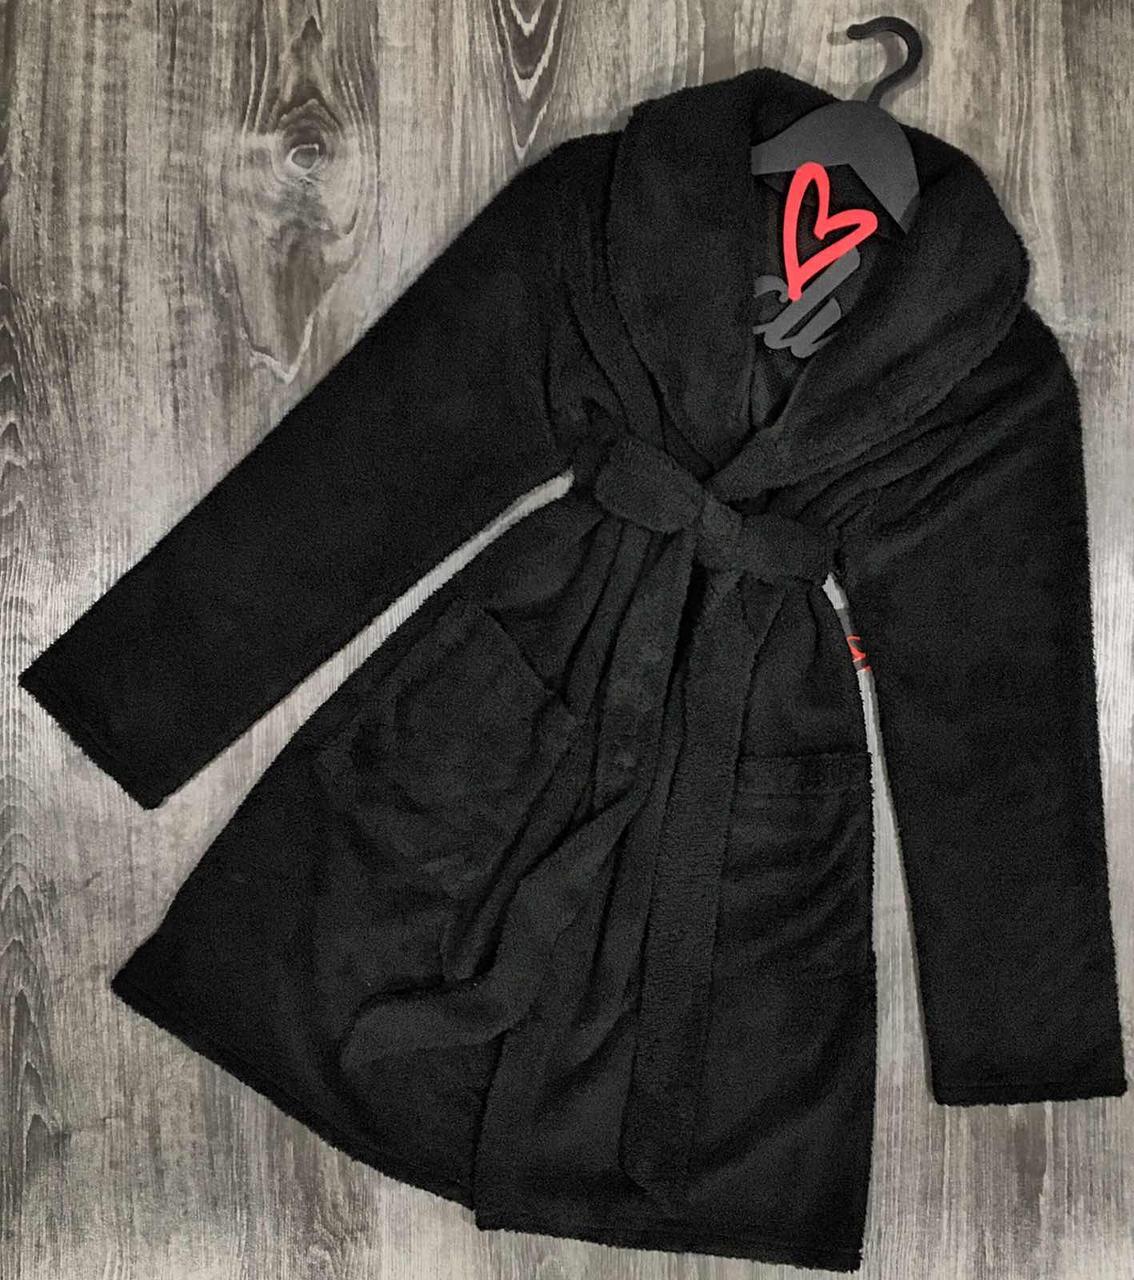 Черный халат женский, теплый плюшевый халат.